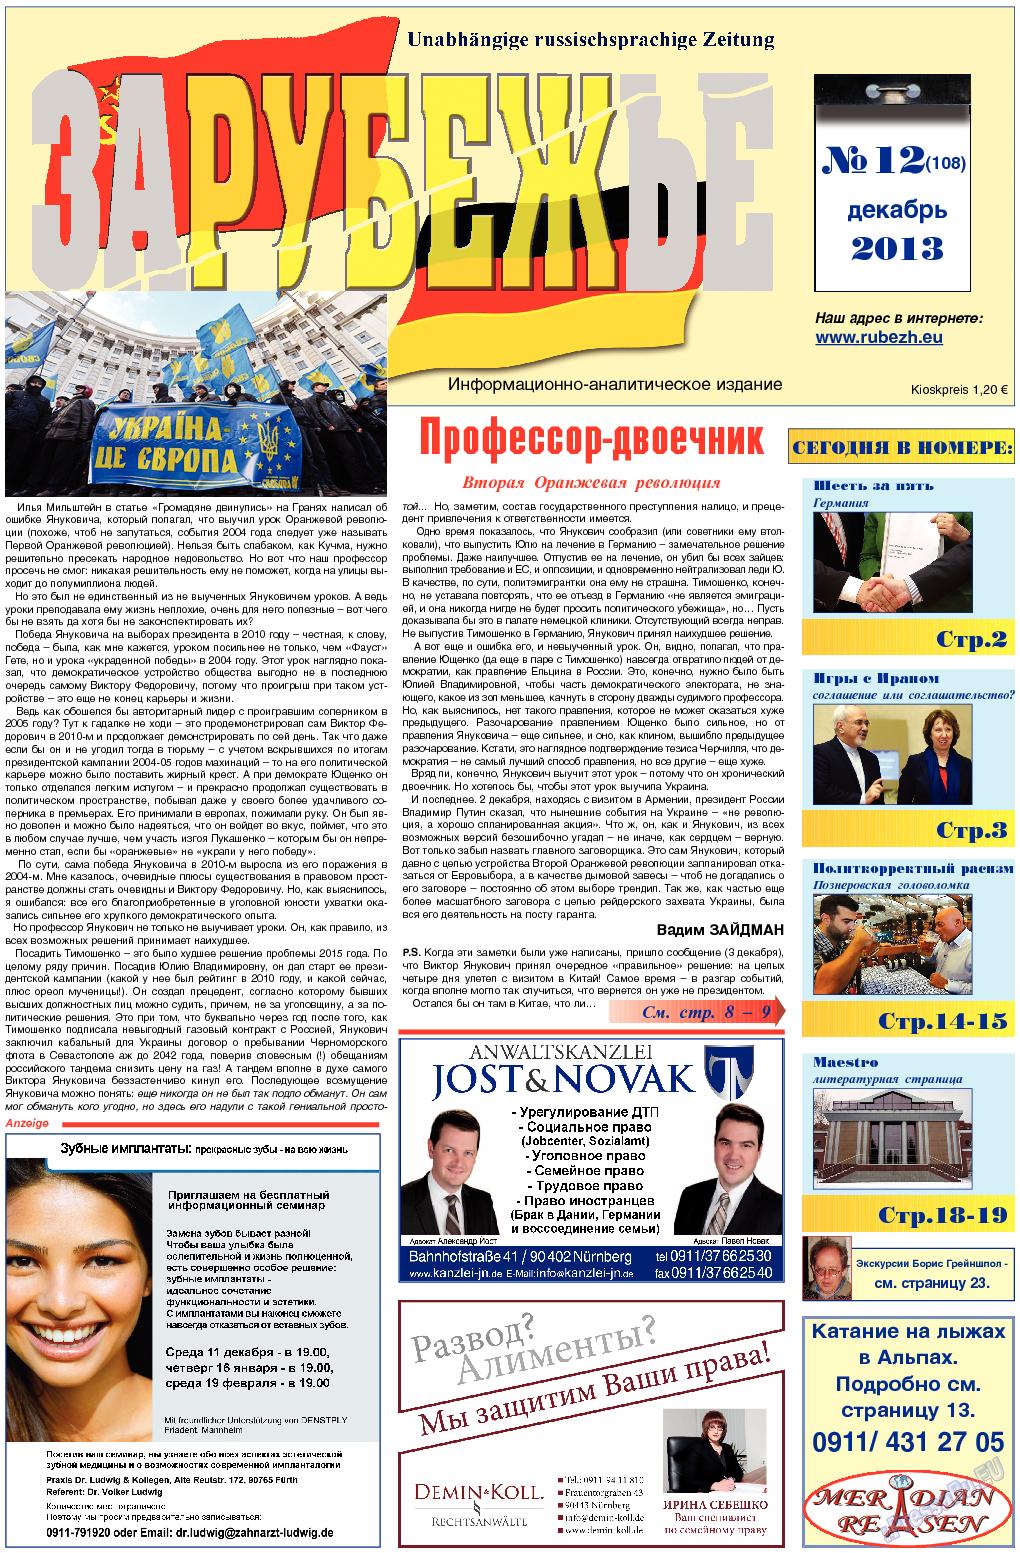 Рубеж (газета). 2013 год, номер 12, стр. 1